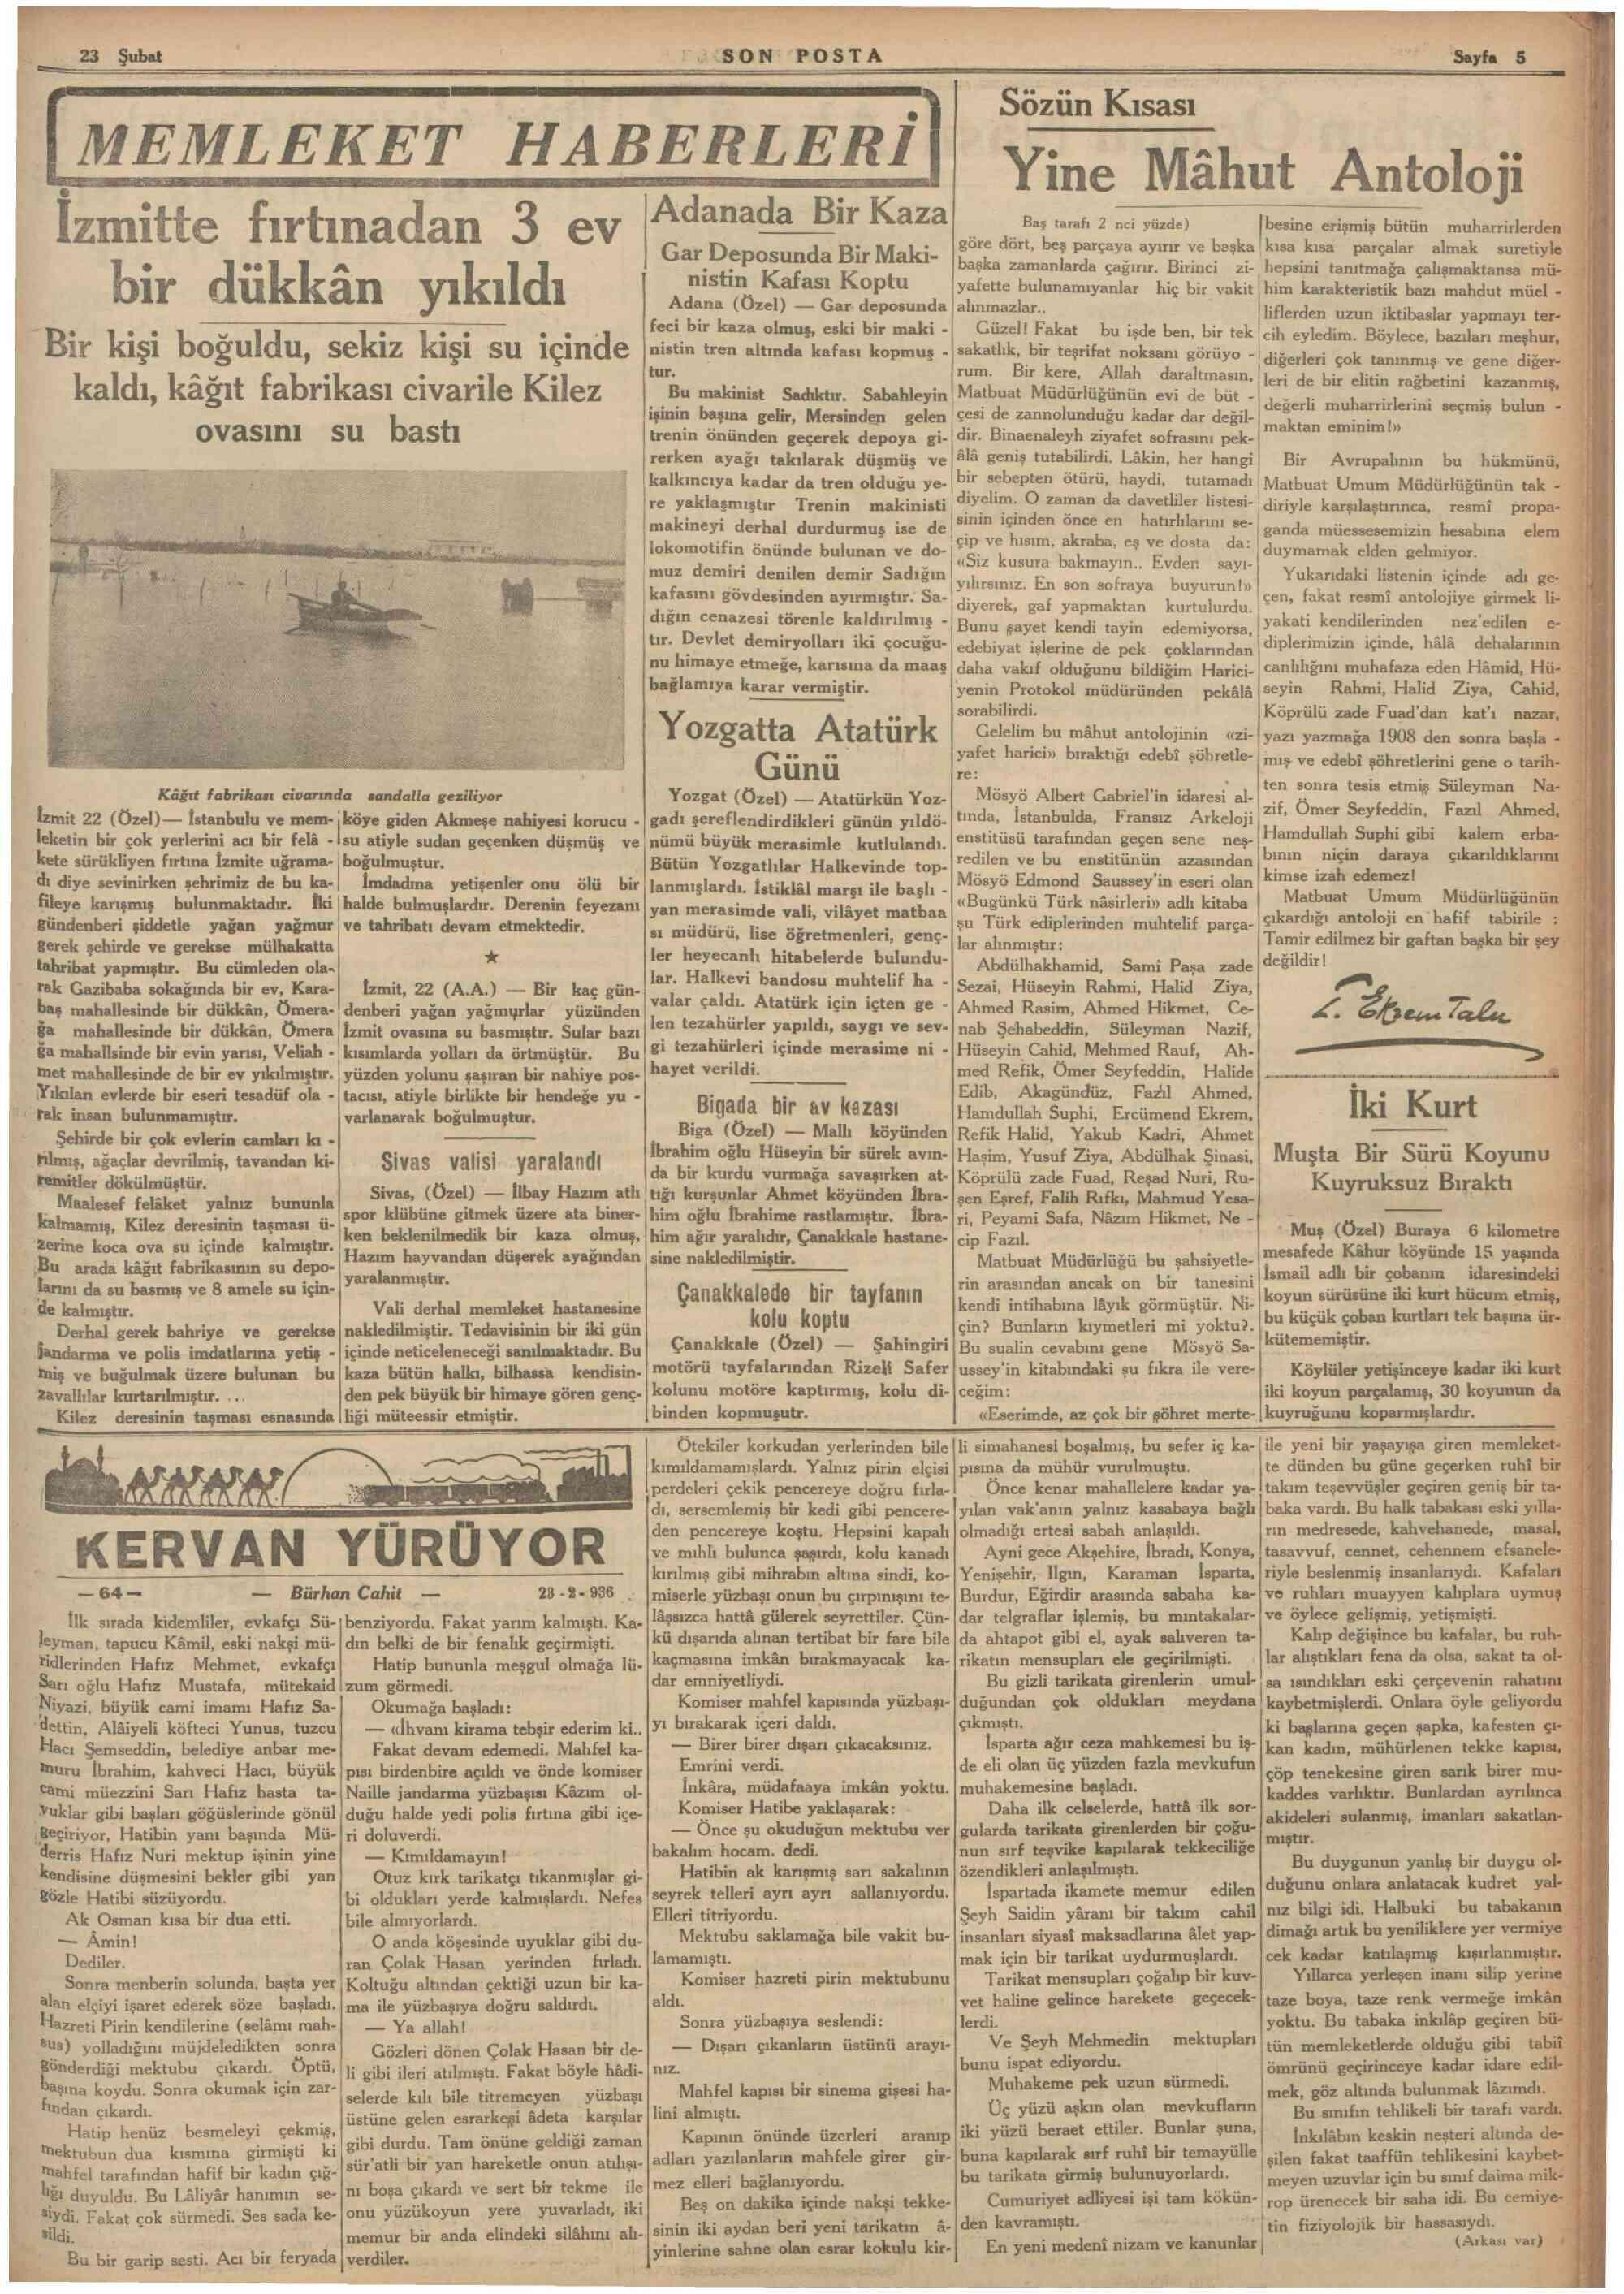 23 Şubat 1936 Tarihli Son Posta Gazetesi Sayfa 6